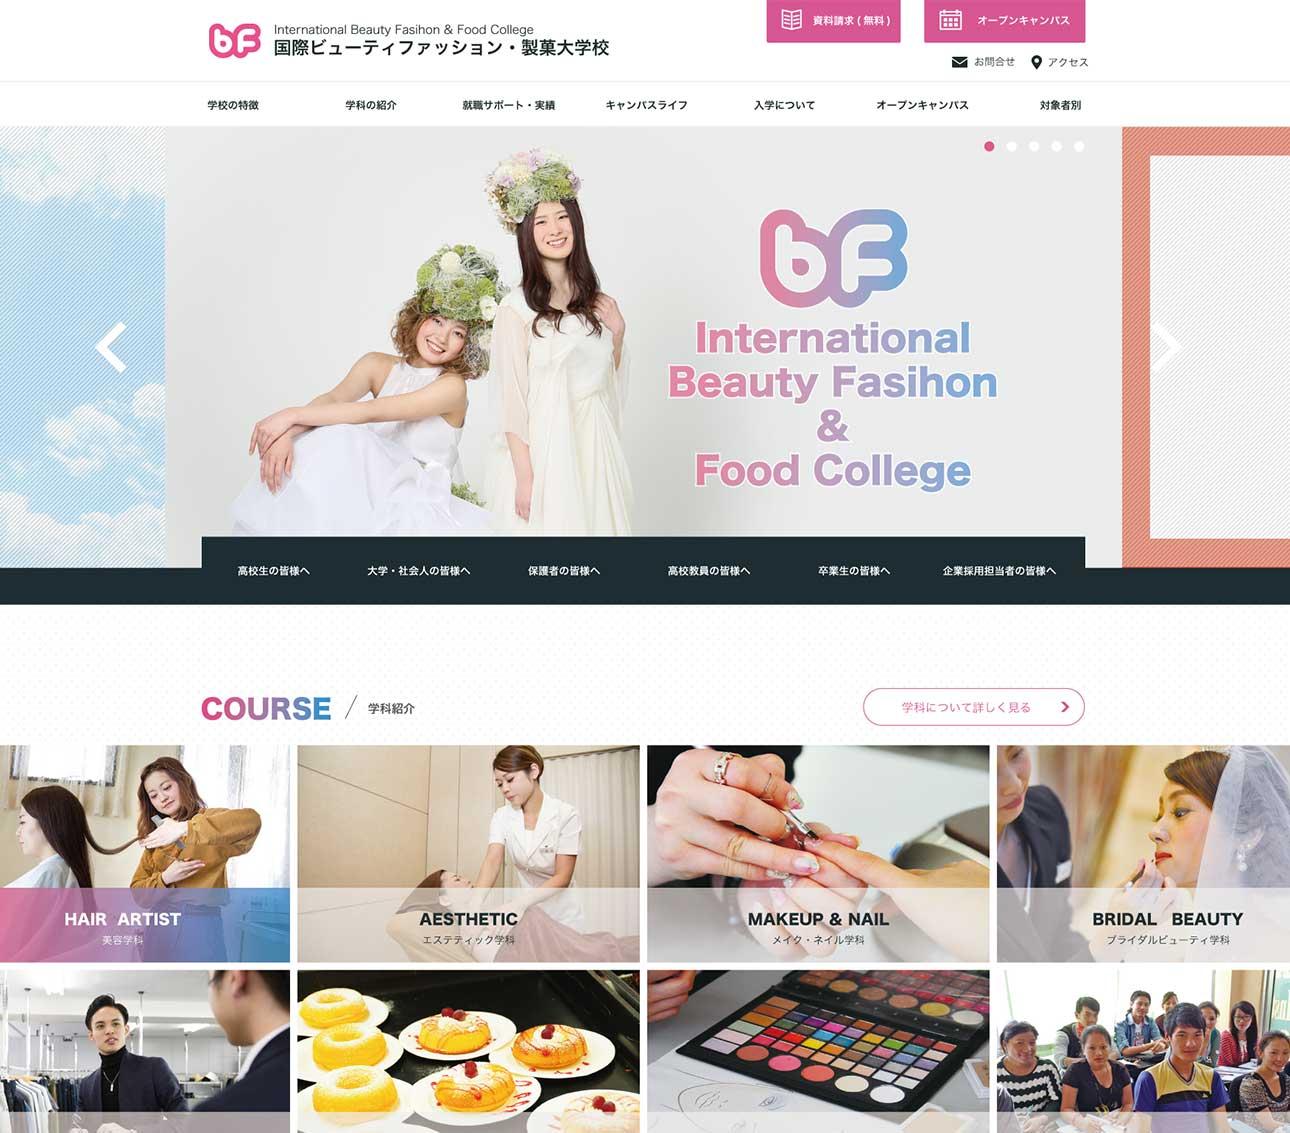 国際ビューティファッション・製菓大学校の画像